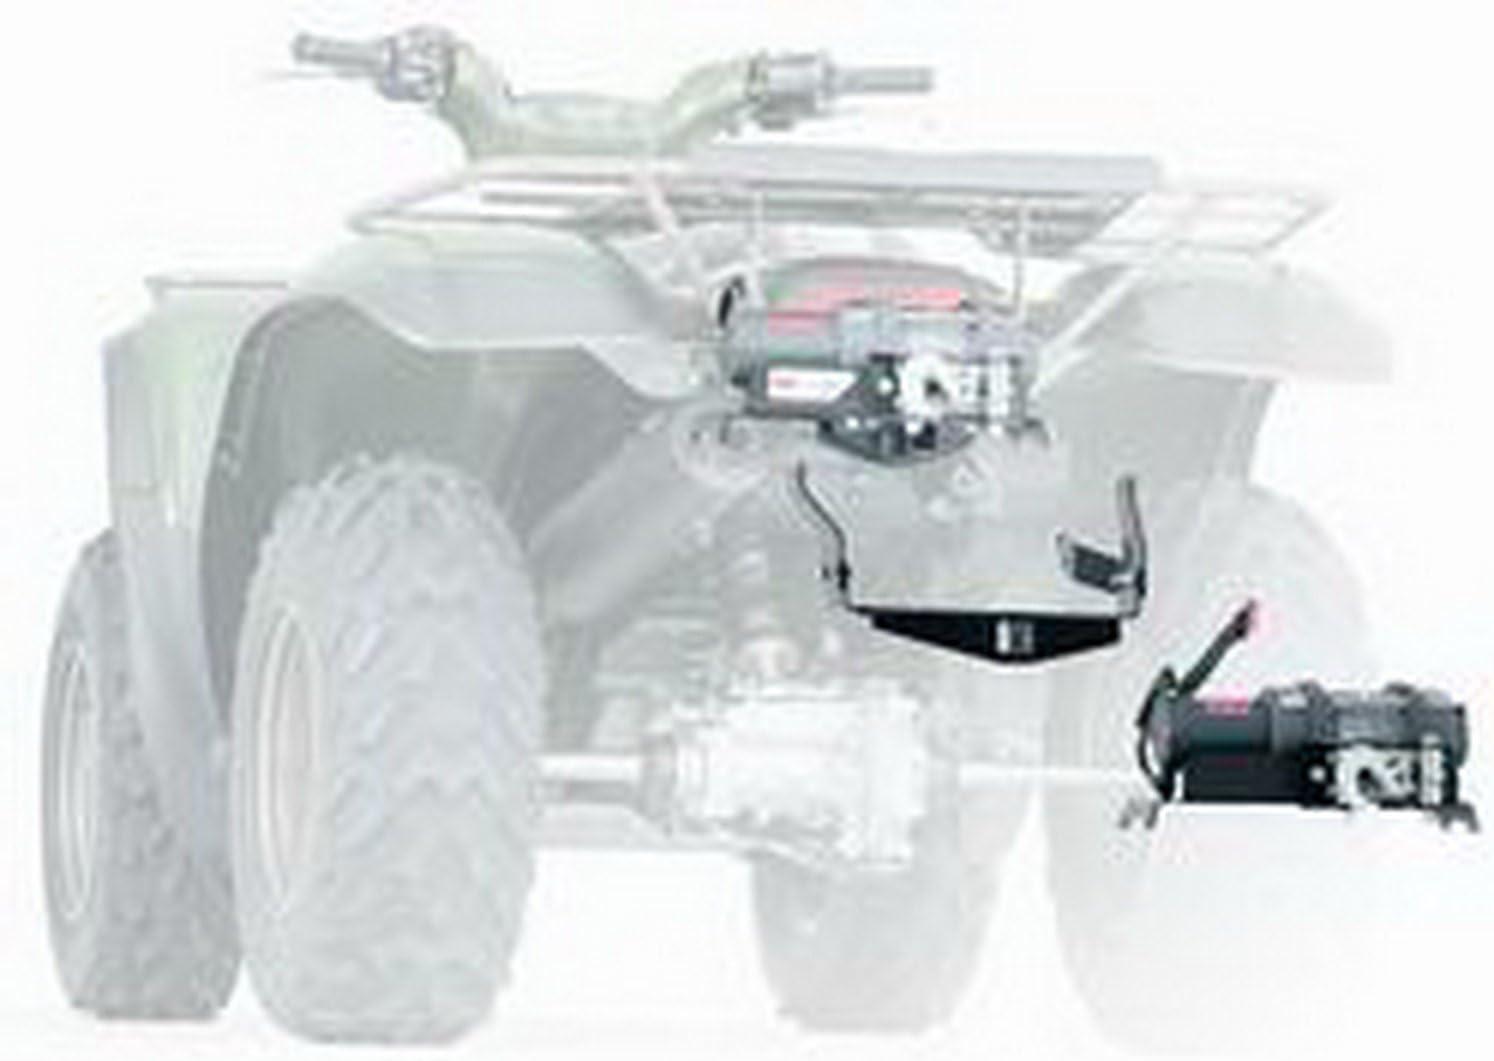 WARN 37812 Winch Mount Kit for Suzuki QuadMaster and QuadRunner ATVs